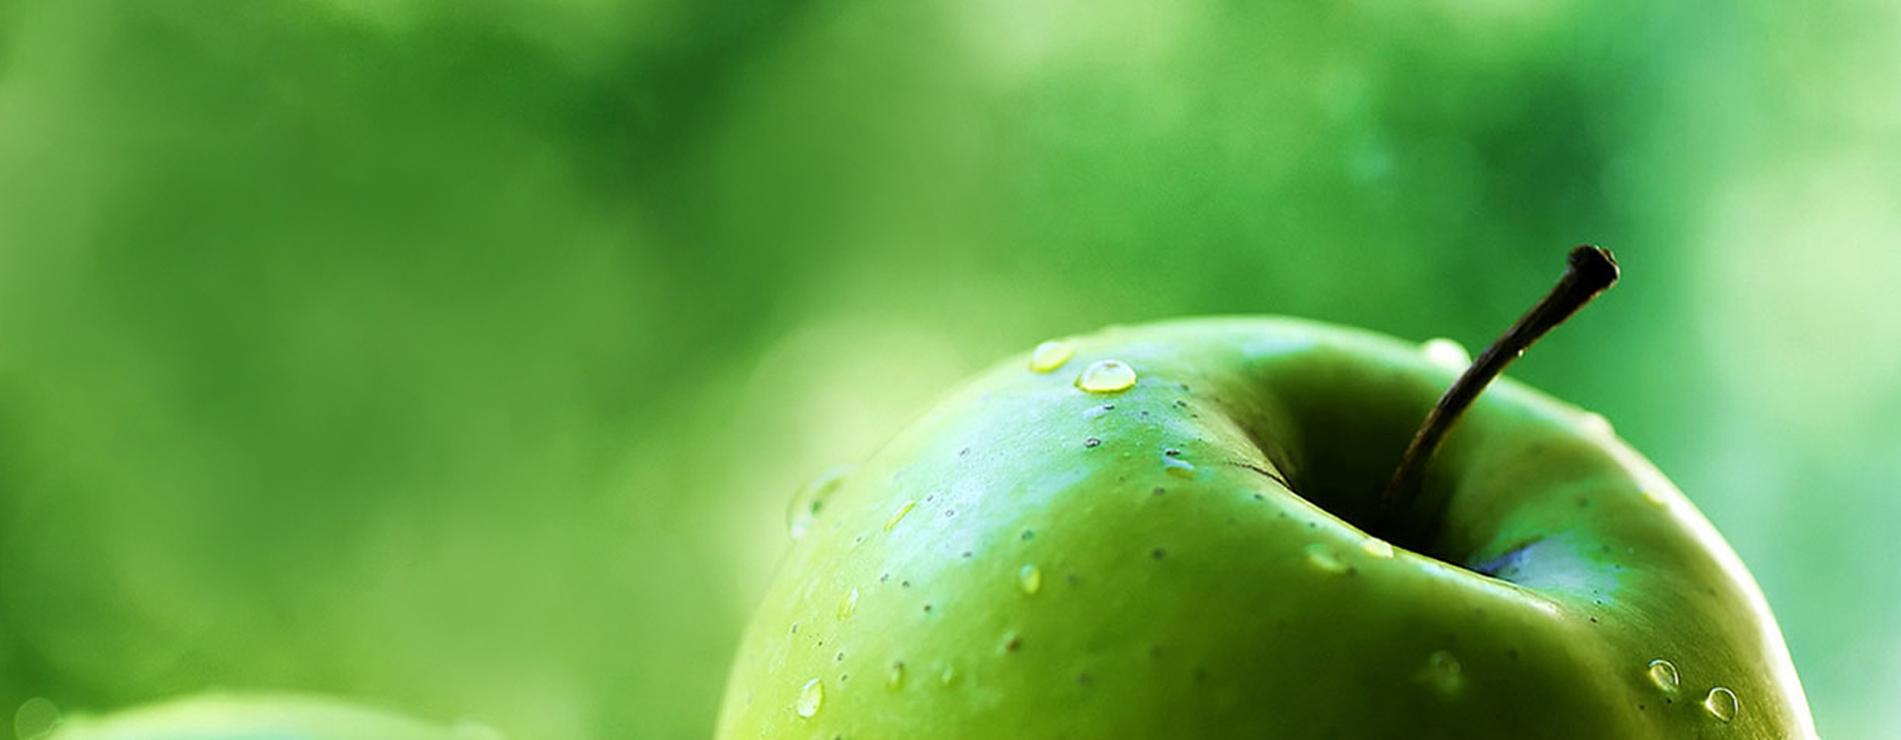 Антиоксиданты для пищевой промышленности